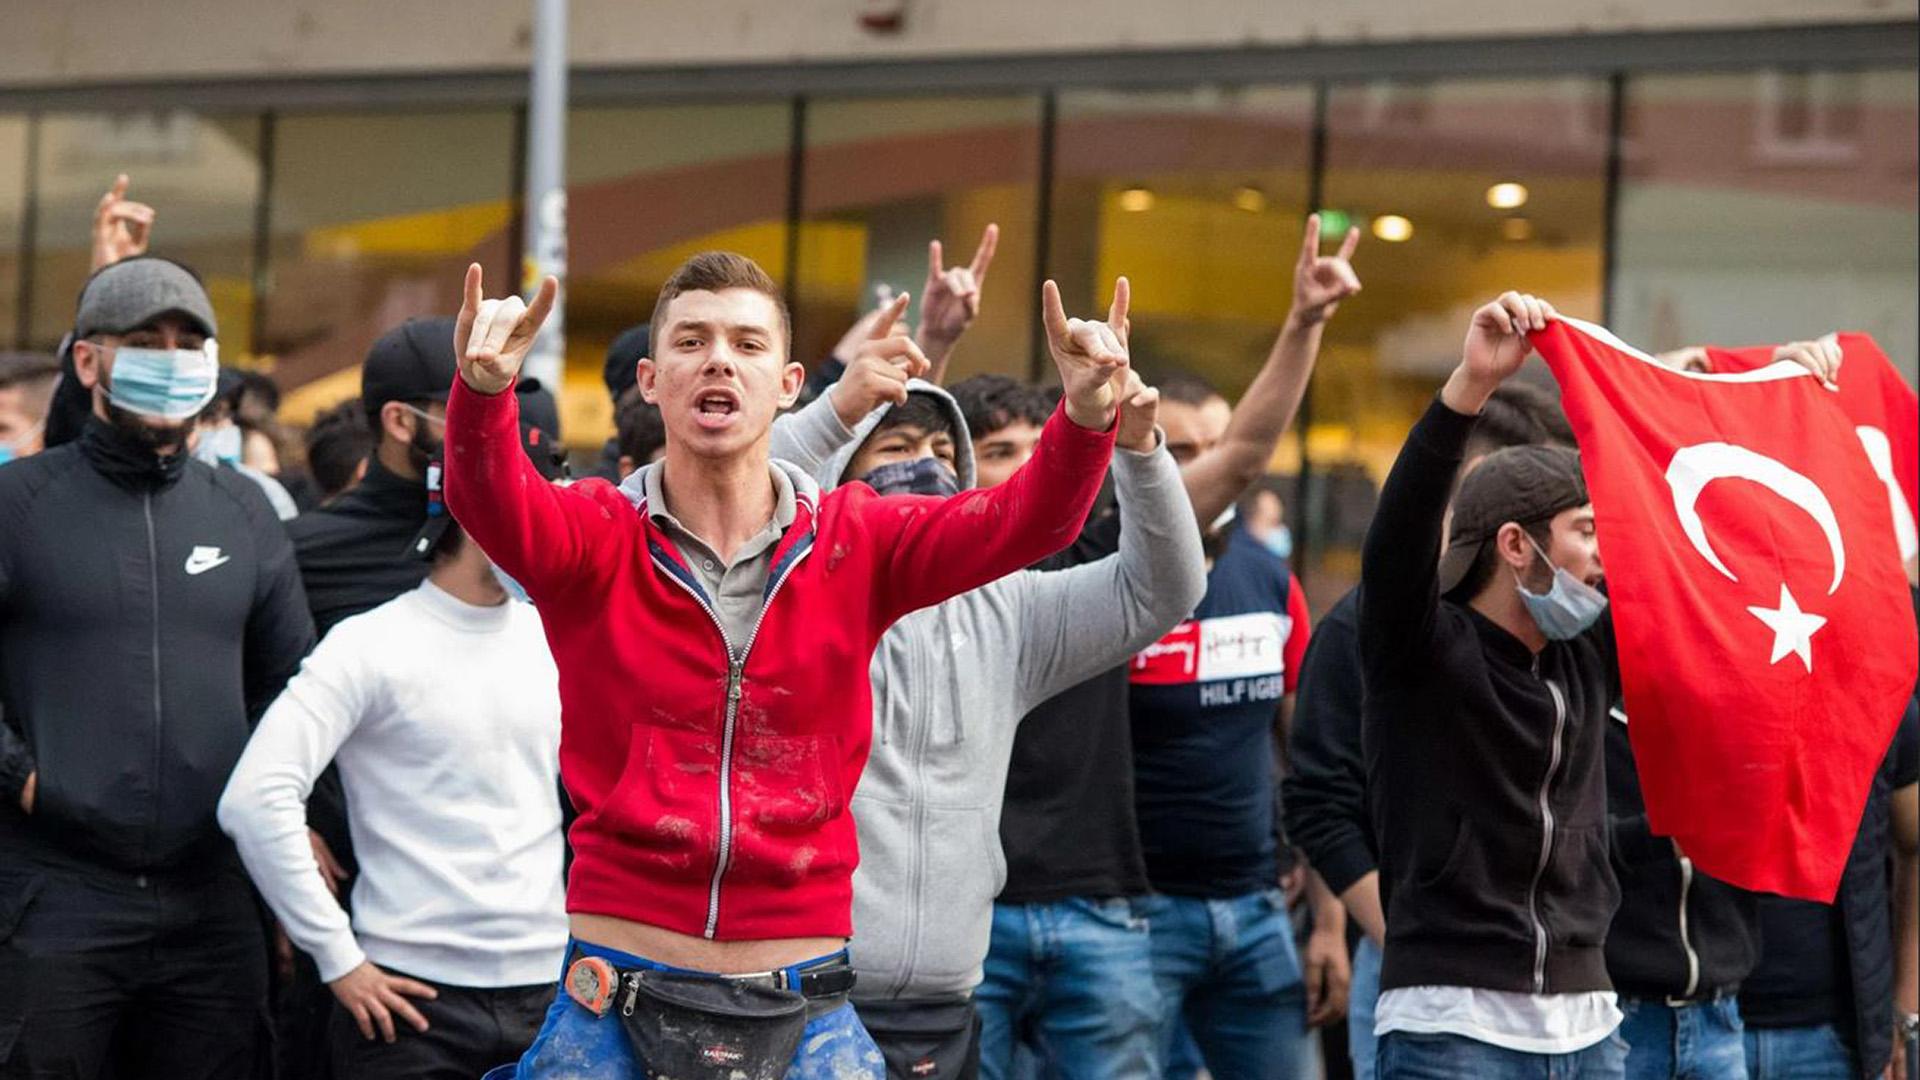 Türkische Rechtsextreme in der Türkei und im Ausland